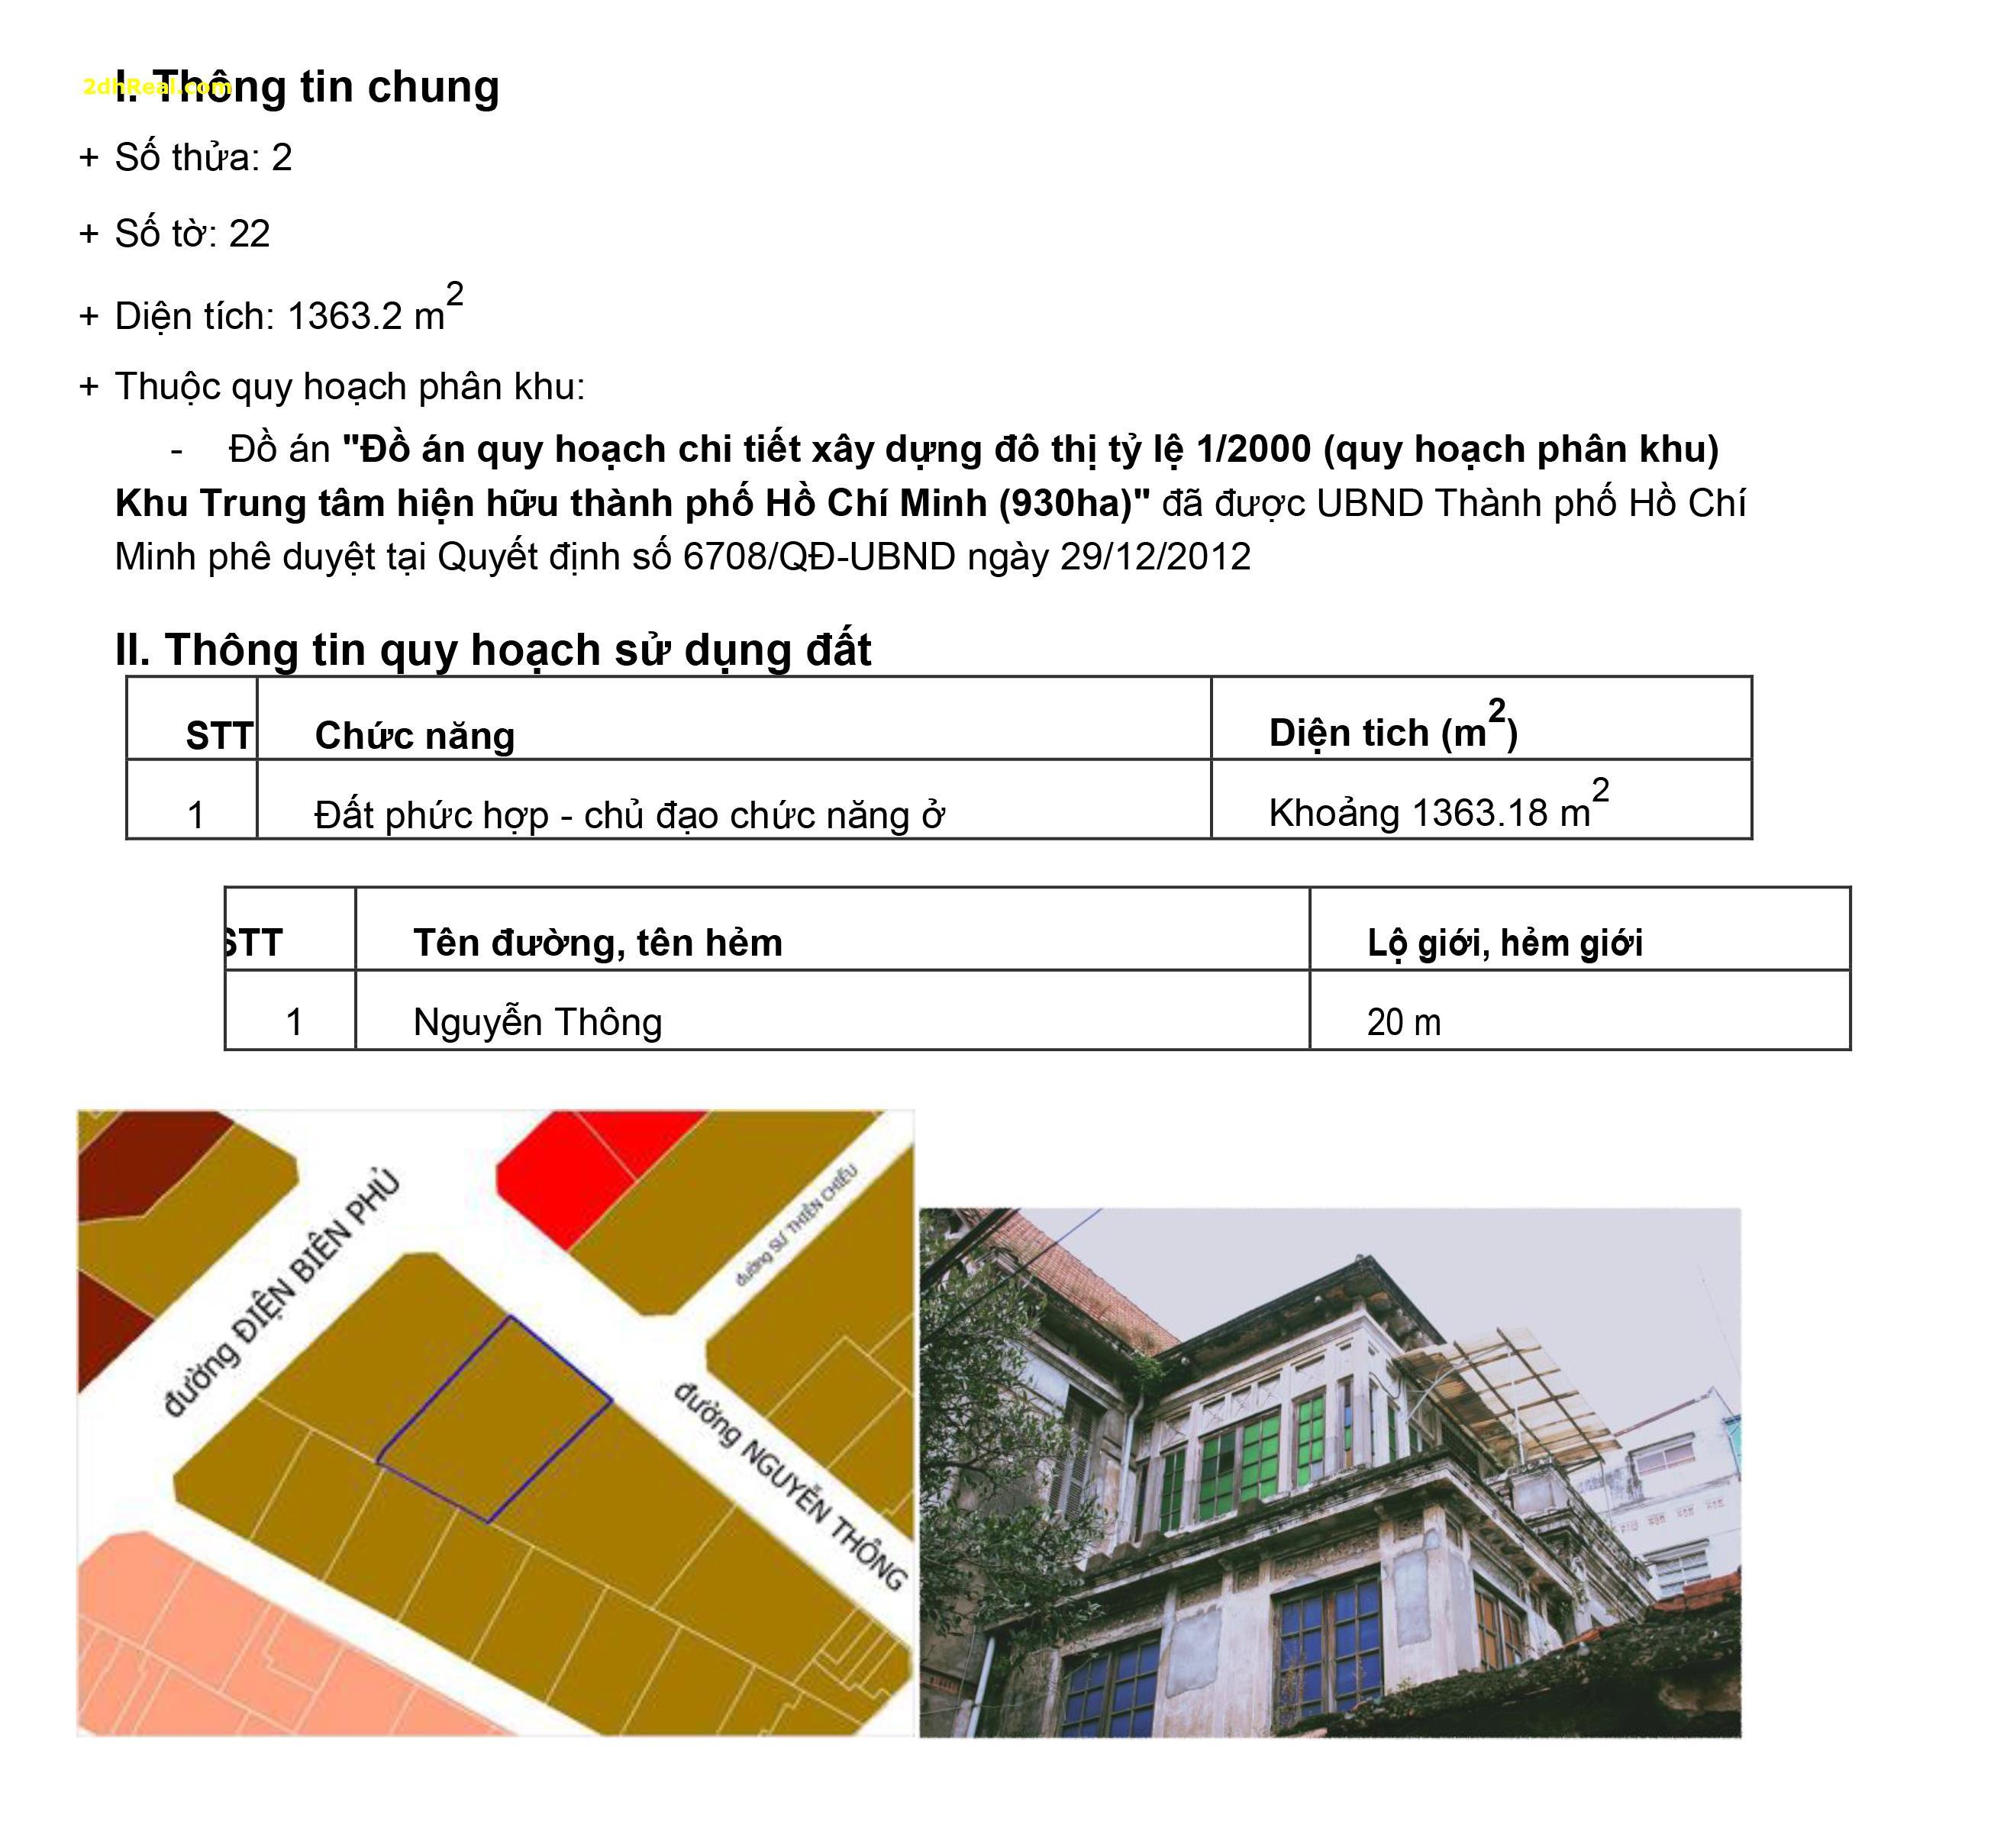 Bán biệt thự đường Nguyễn Thông Phường 7, quận 3, HCM